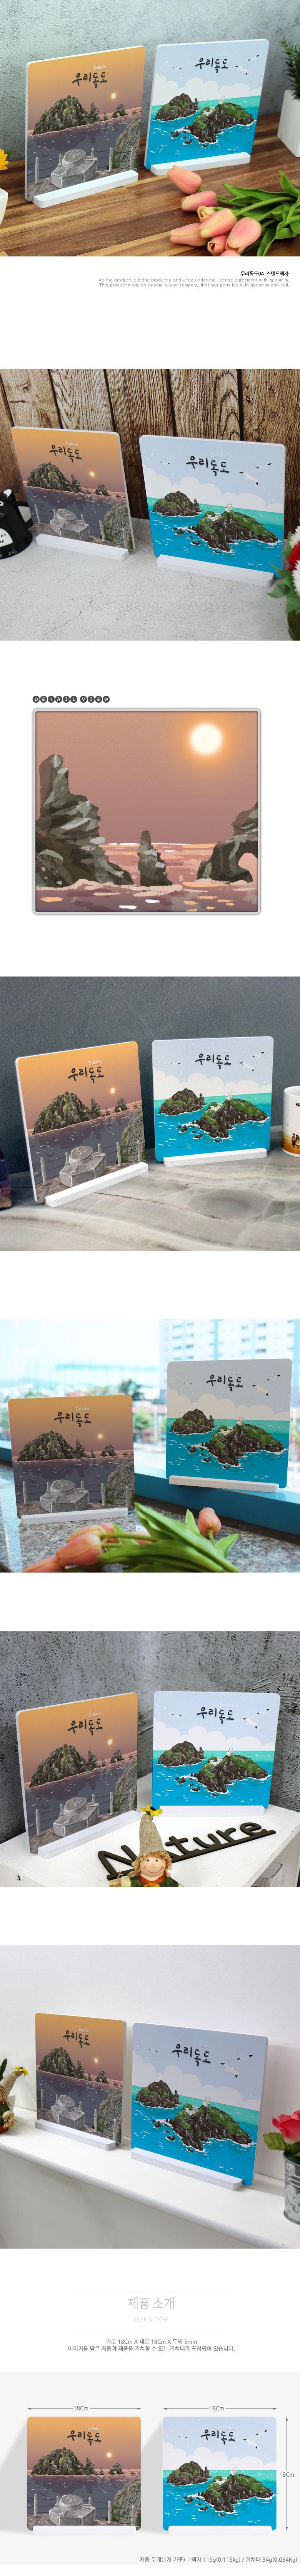 스탠드액자2P_우리독도04 - 꾸밈, 16,000원, 홈갤러리, 사진아트